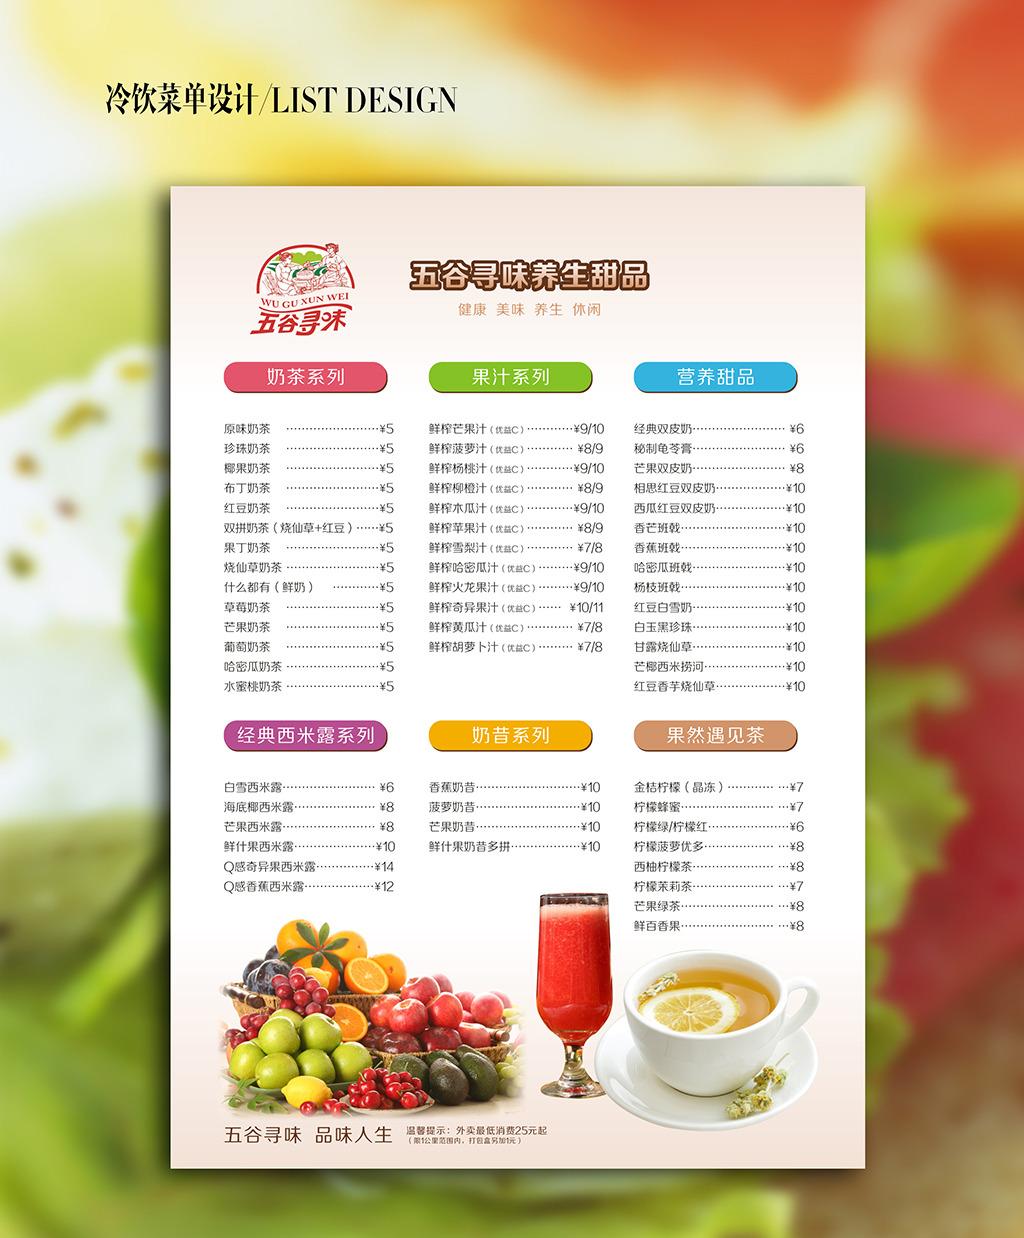 冷饮菜单饮品菜单设计模板下载 冷饮菜单饮品菜单设计图片下载